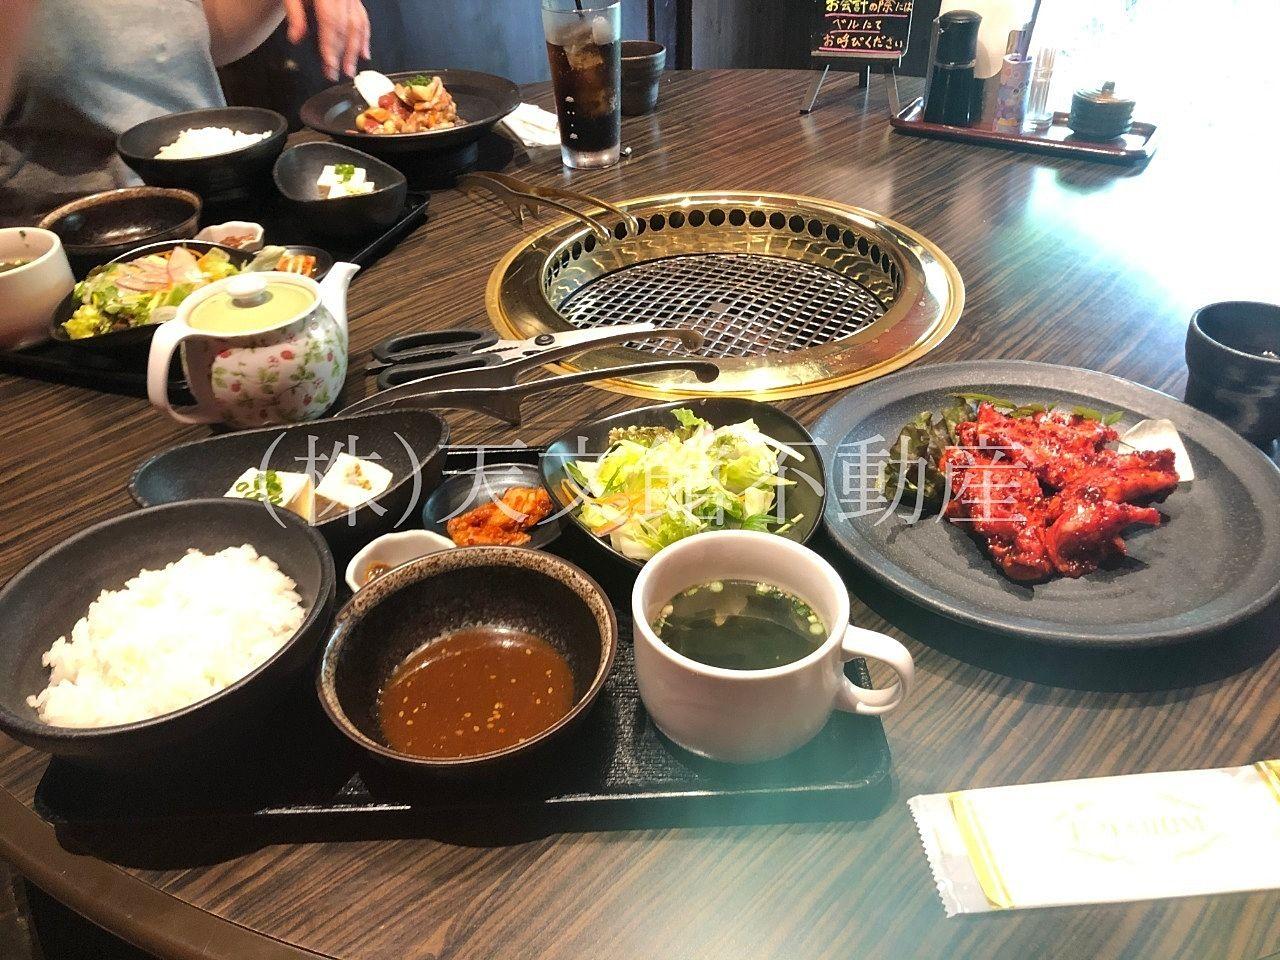 鹿児島県日置市伊集院町猪鹿倉の焼肉・たべもの処松風の定食を二人ともいただきました。